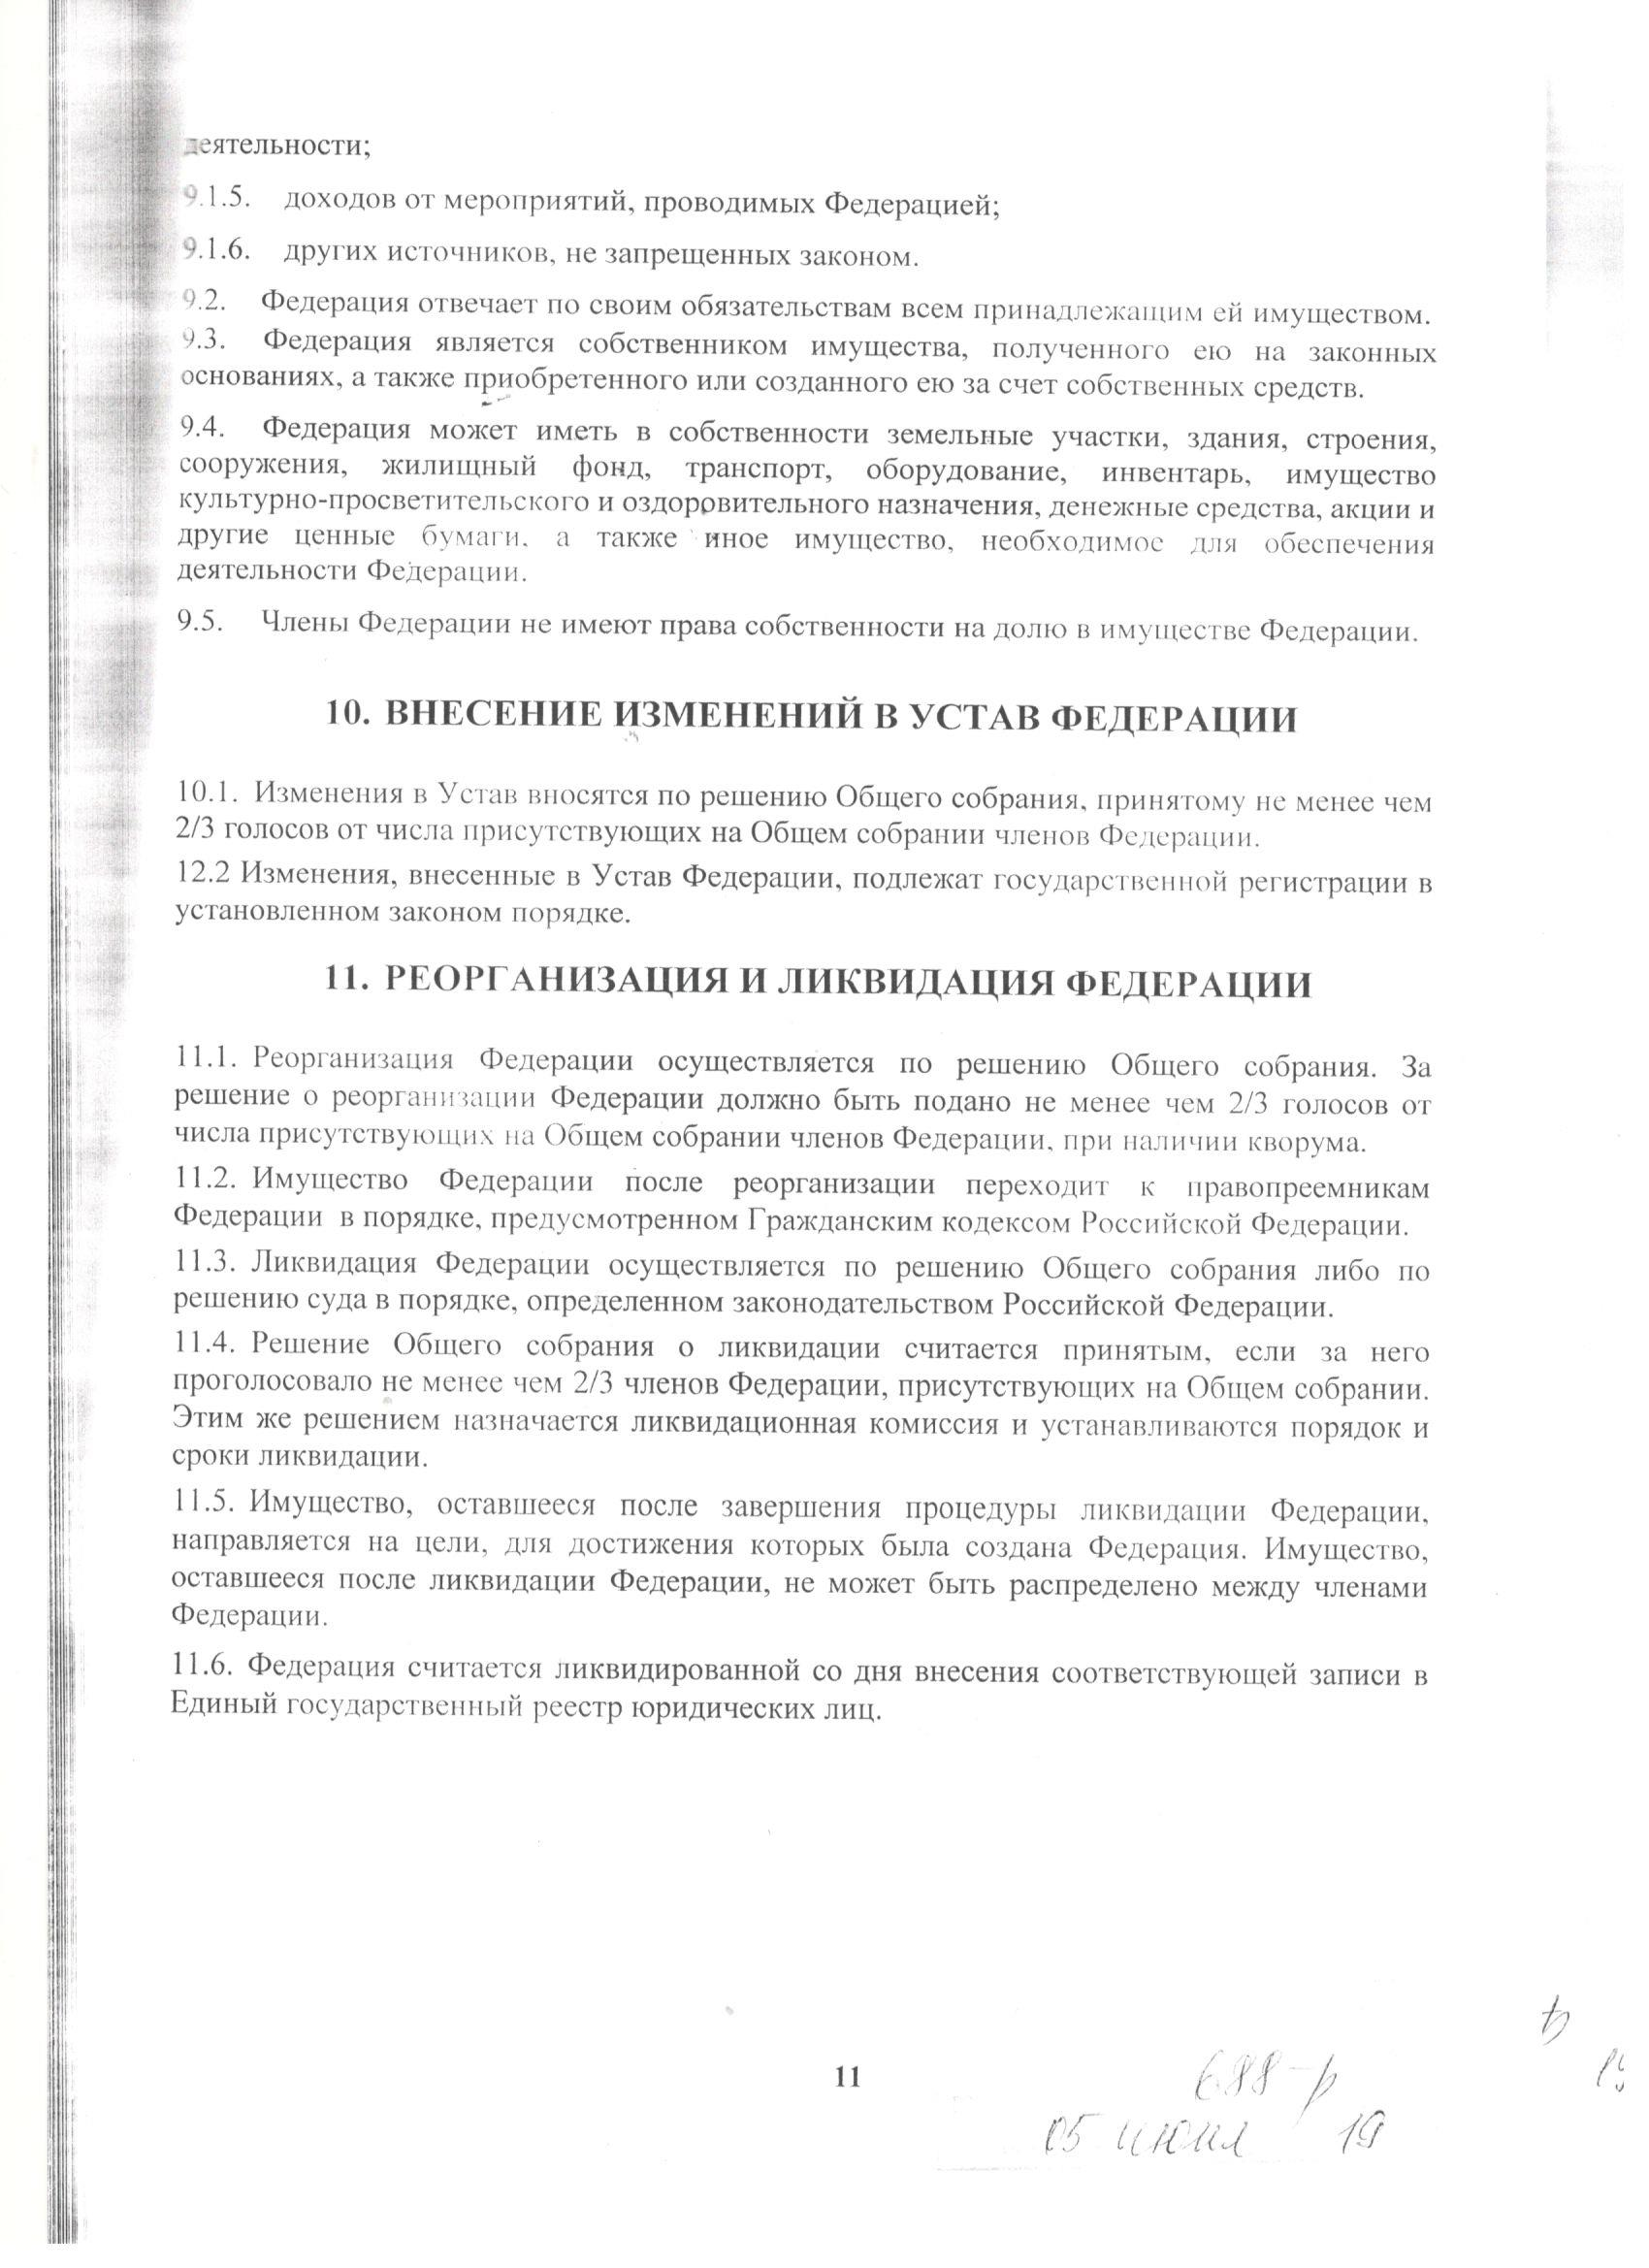 http://forumupload.ru/uploads/0014/11/ca/2/124214.jpg